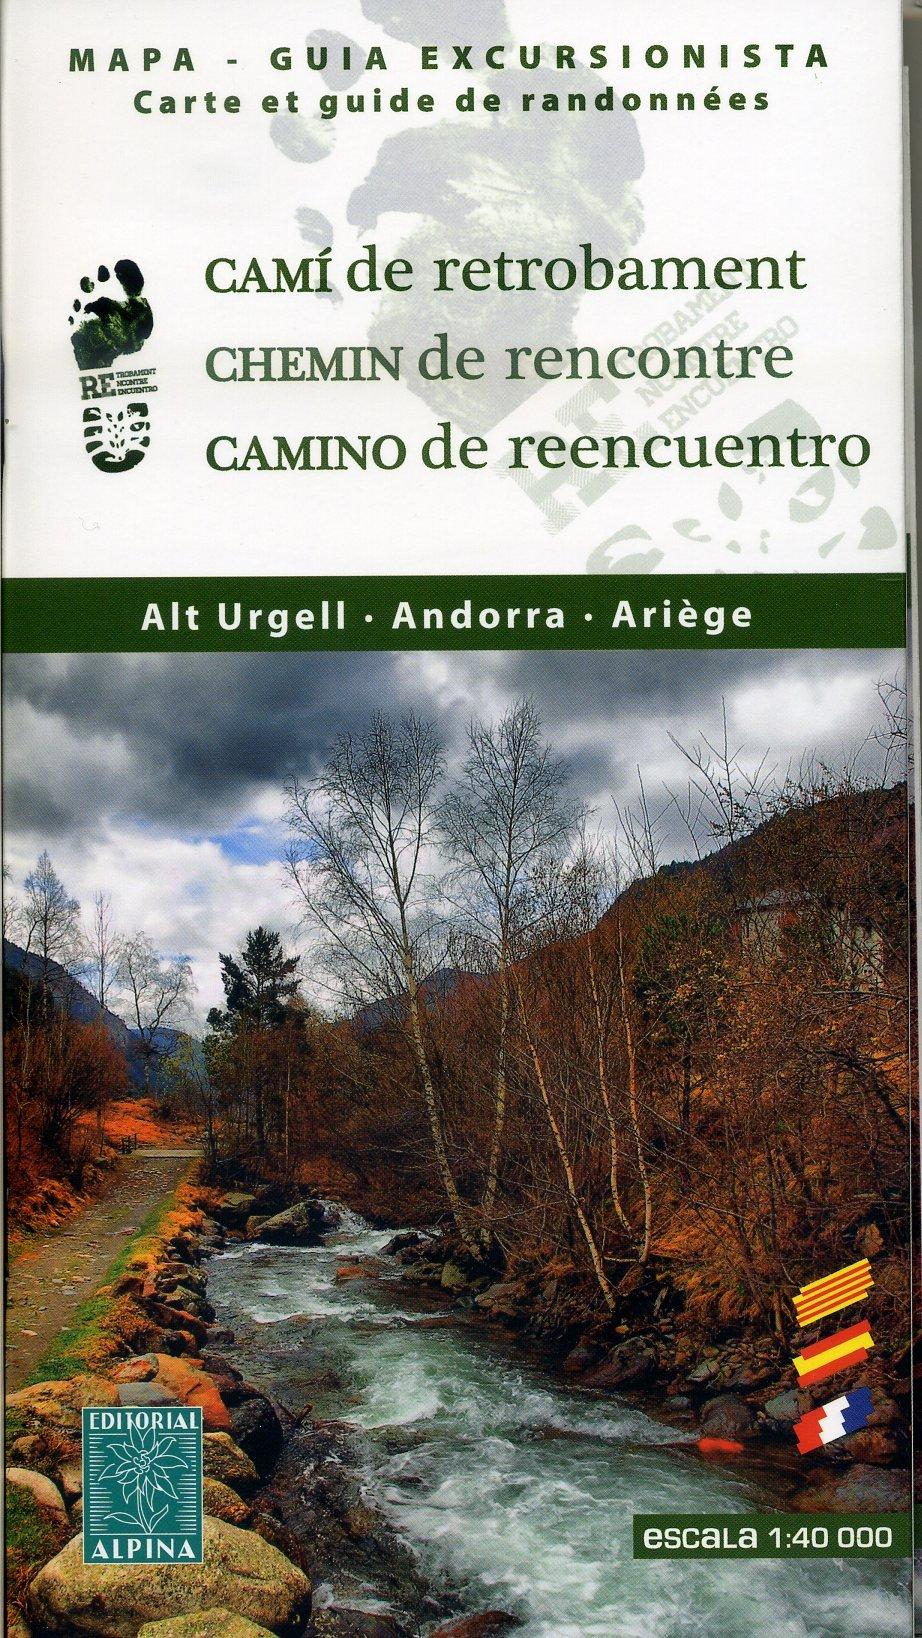 Camí de Retrobament, Alt Urgell, Andorra, Ariège 1:40.000 9788480905206  Editorial Alpina Wandelkaarten Spaanse Pyreneeë  Wandelkaarten Spaanse Pyreneeën